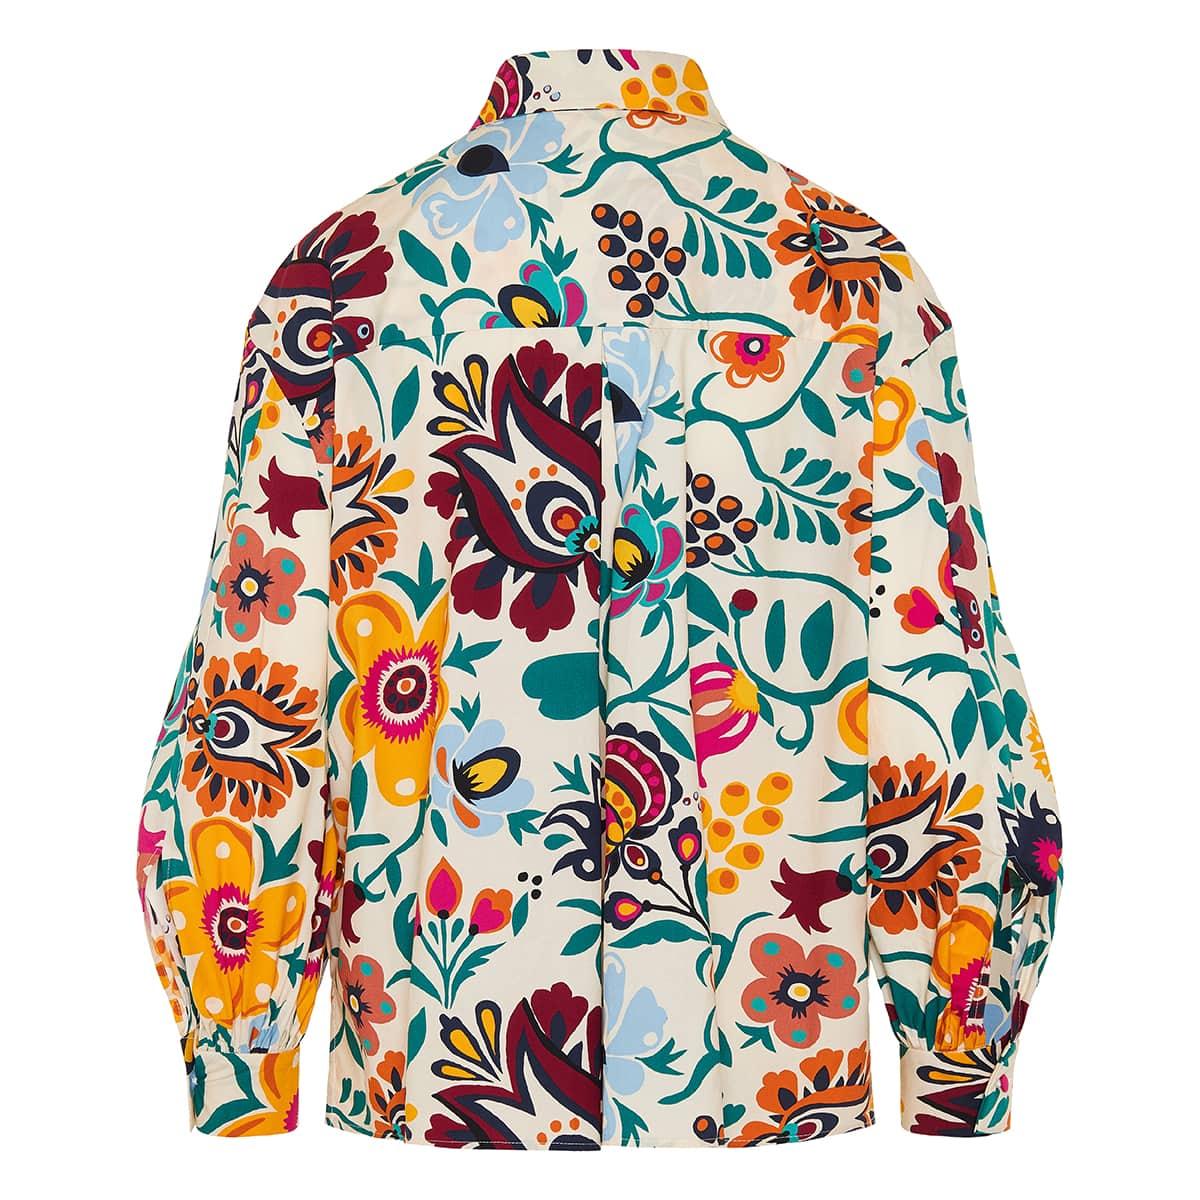 Poet floral poplin shirt